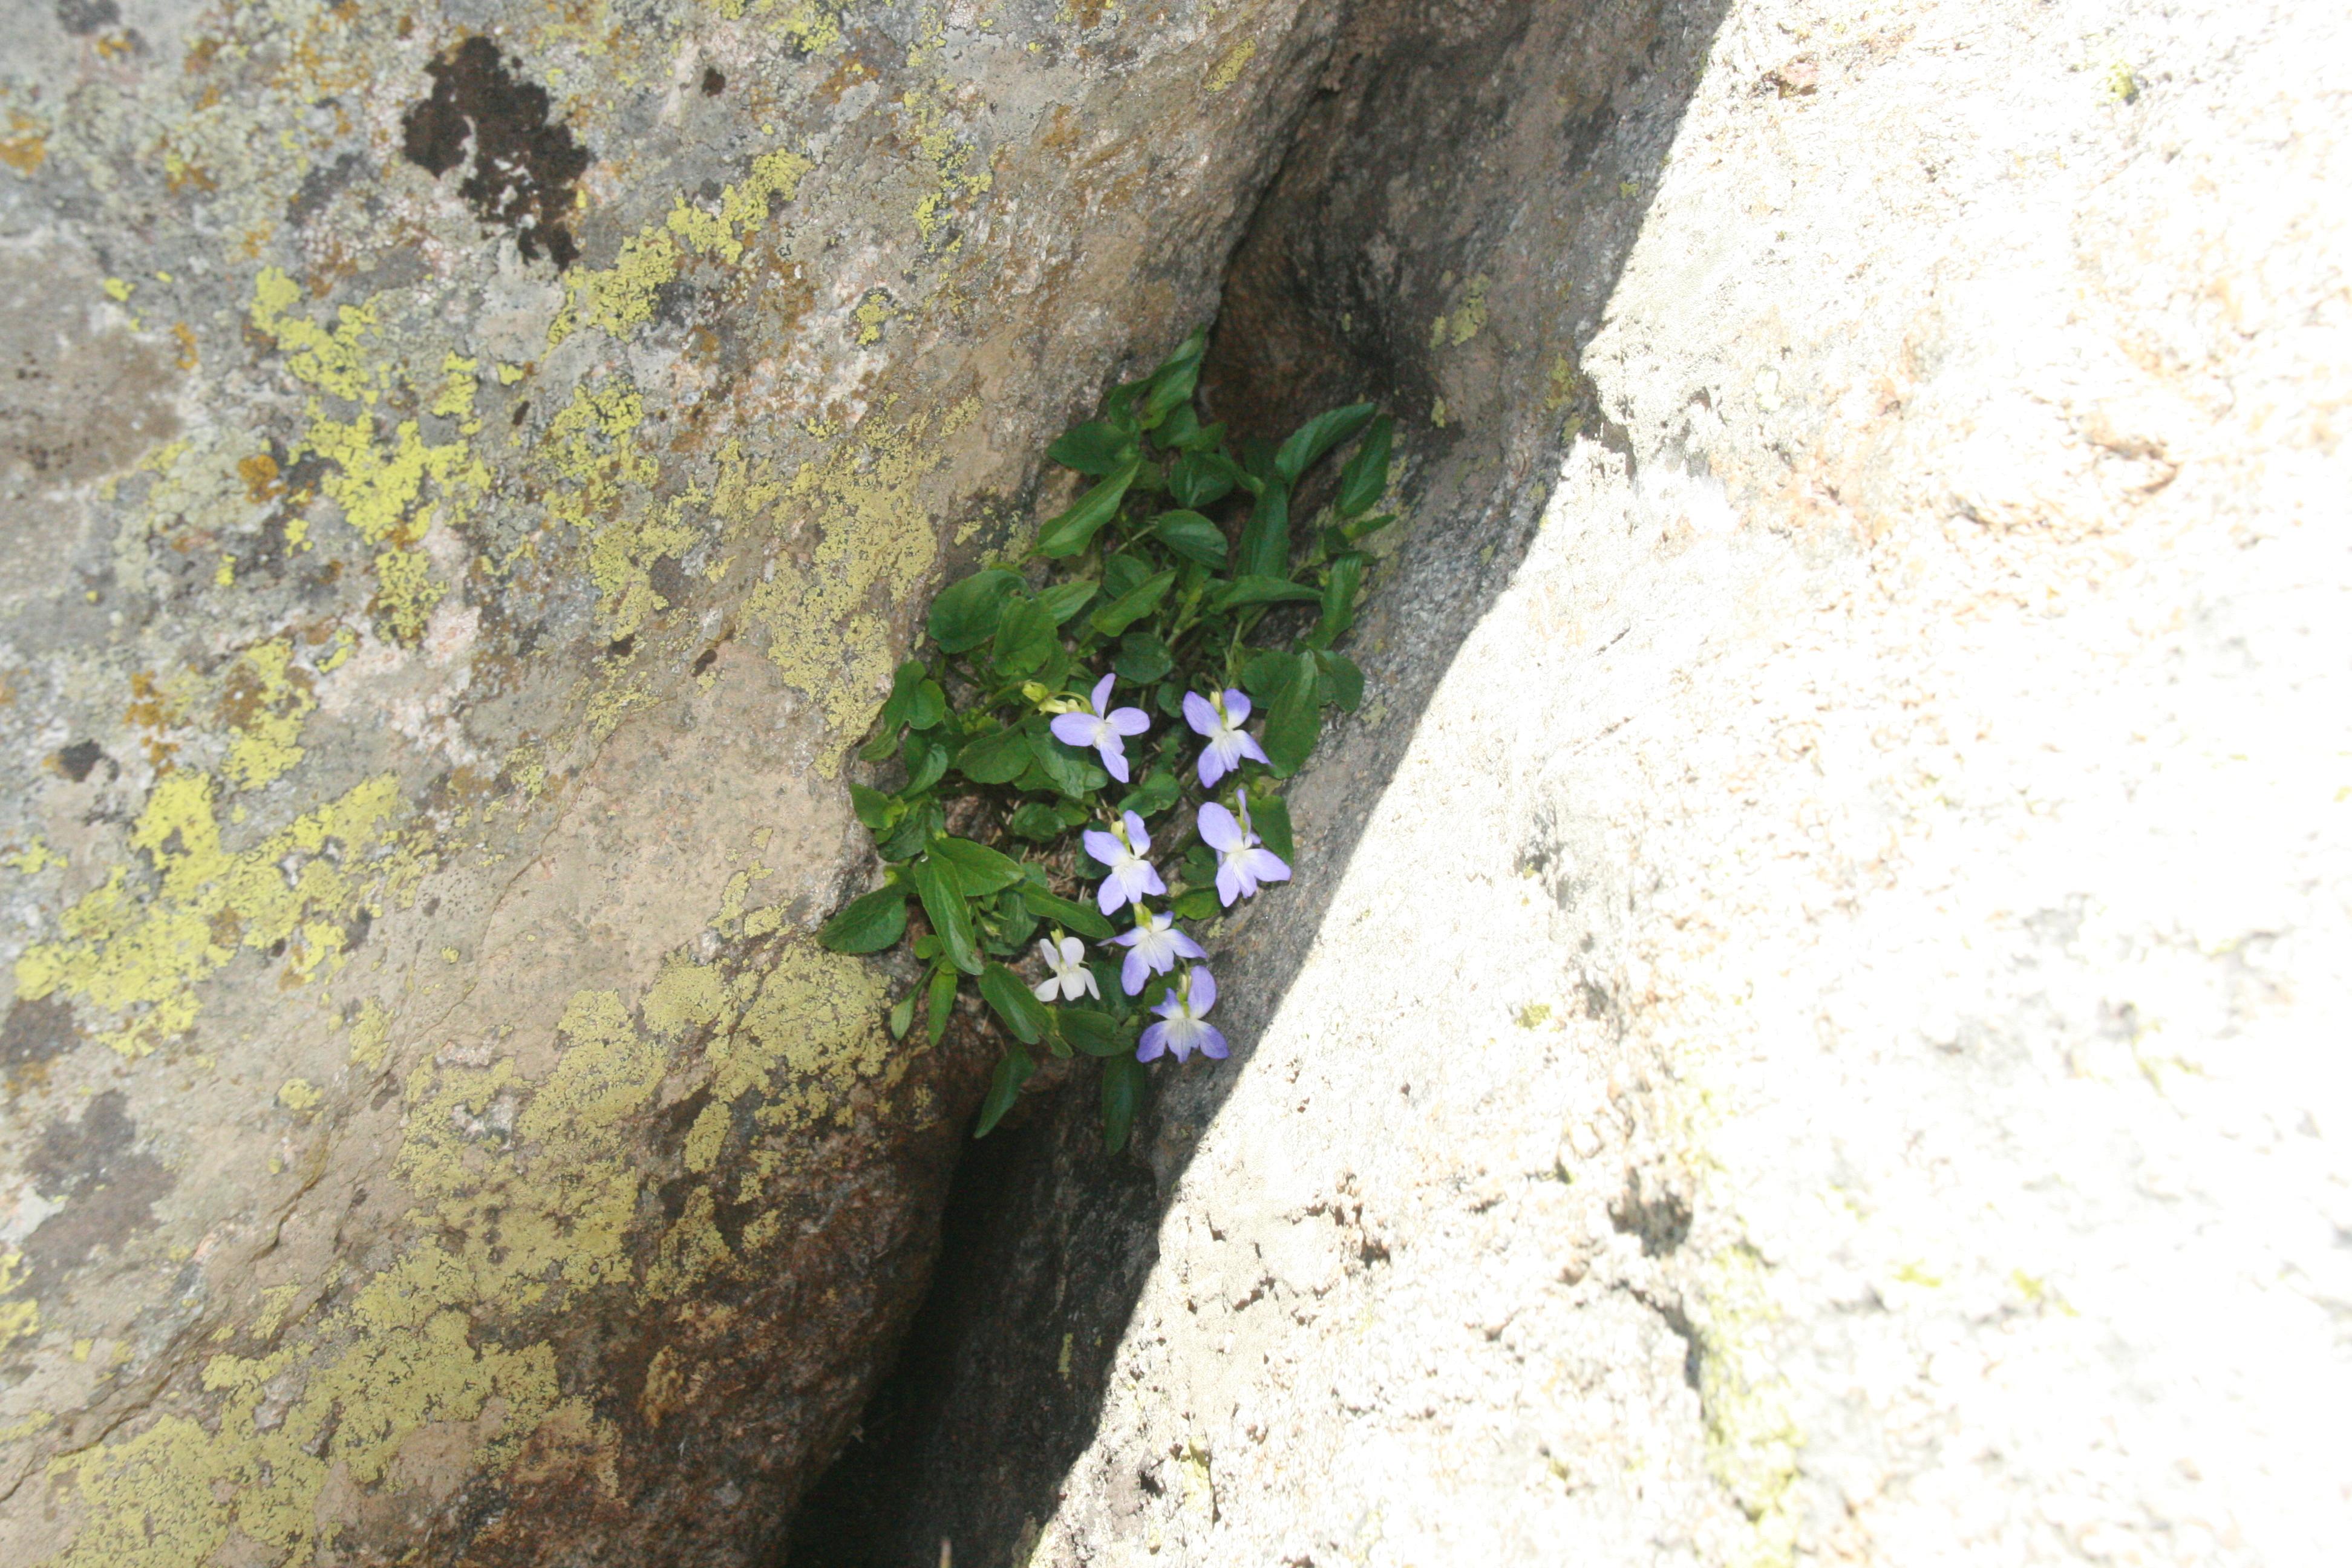 Image of dog violet